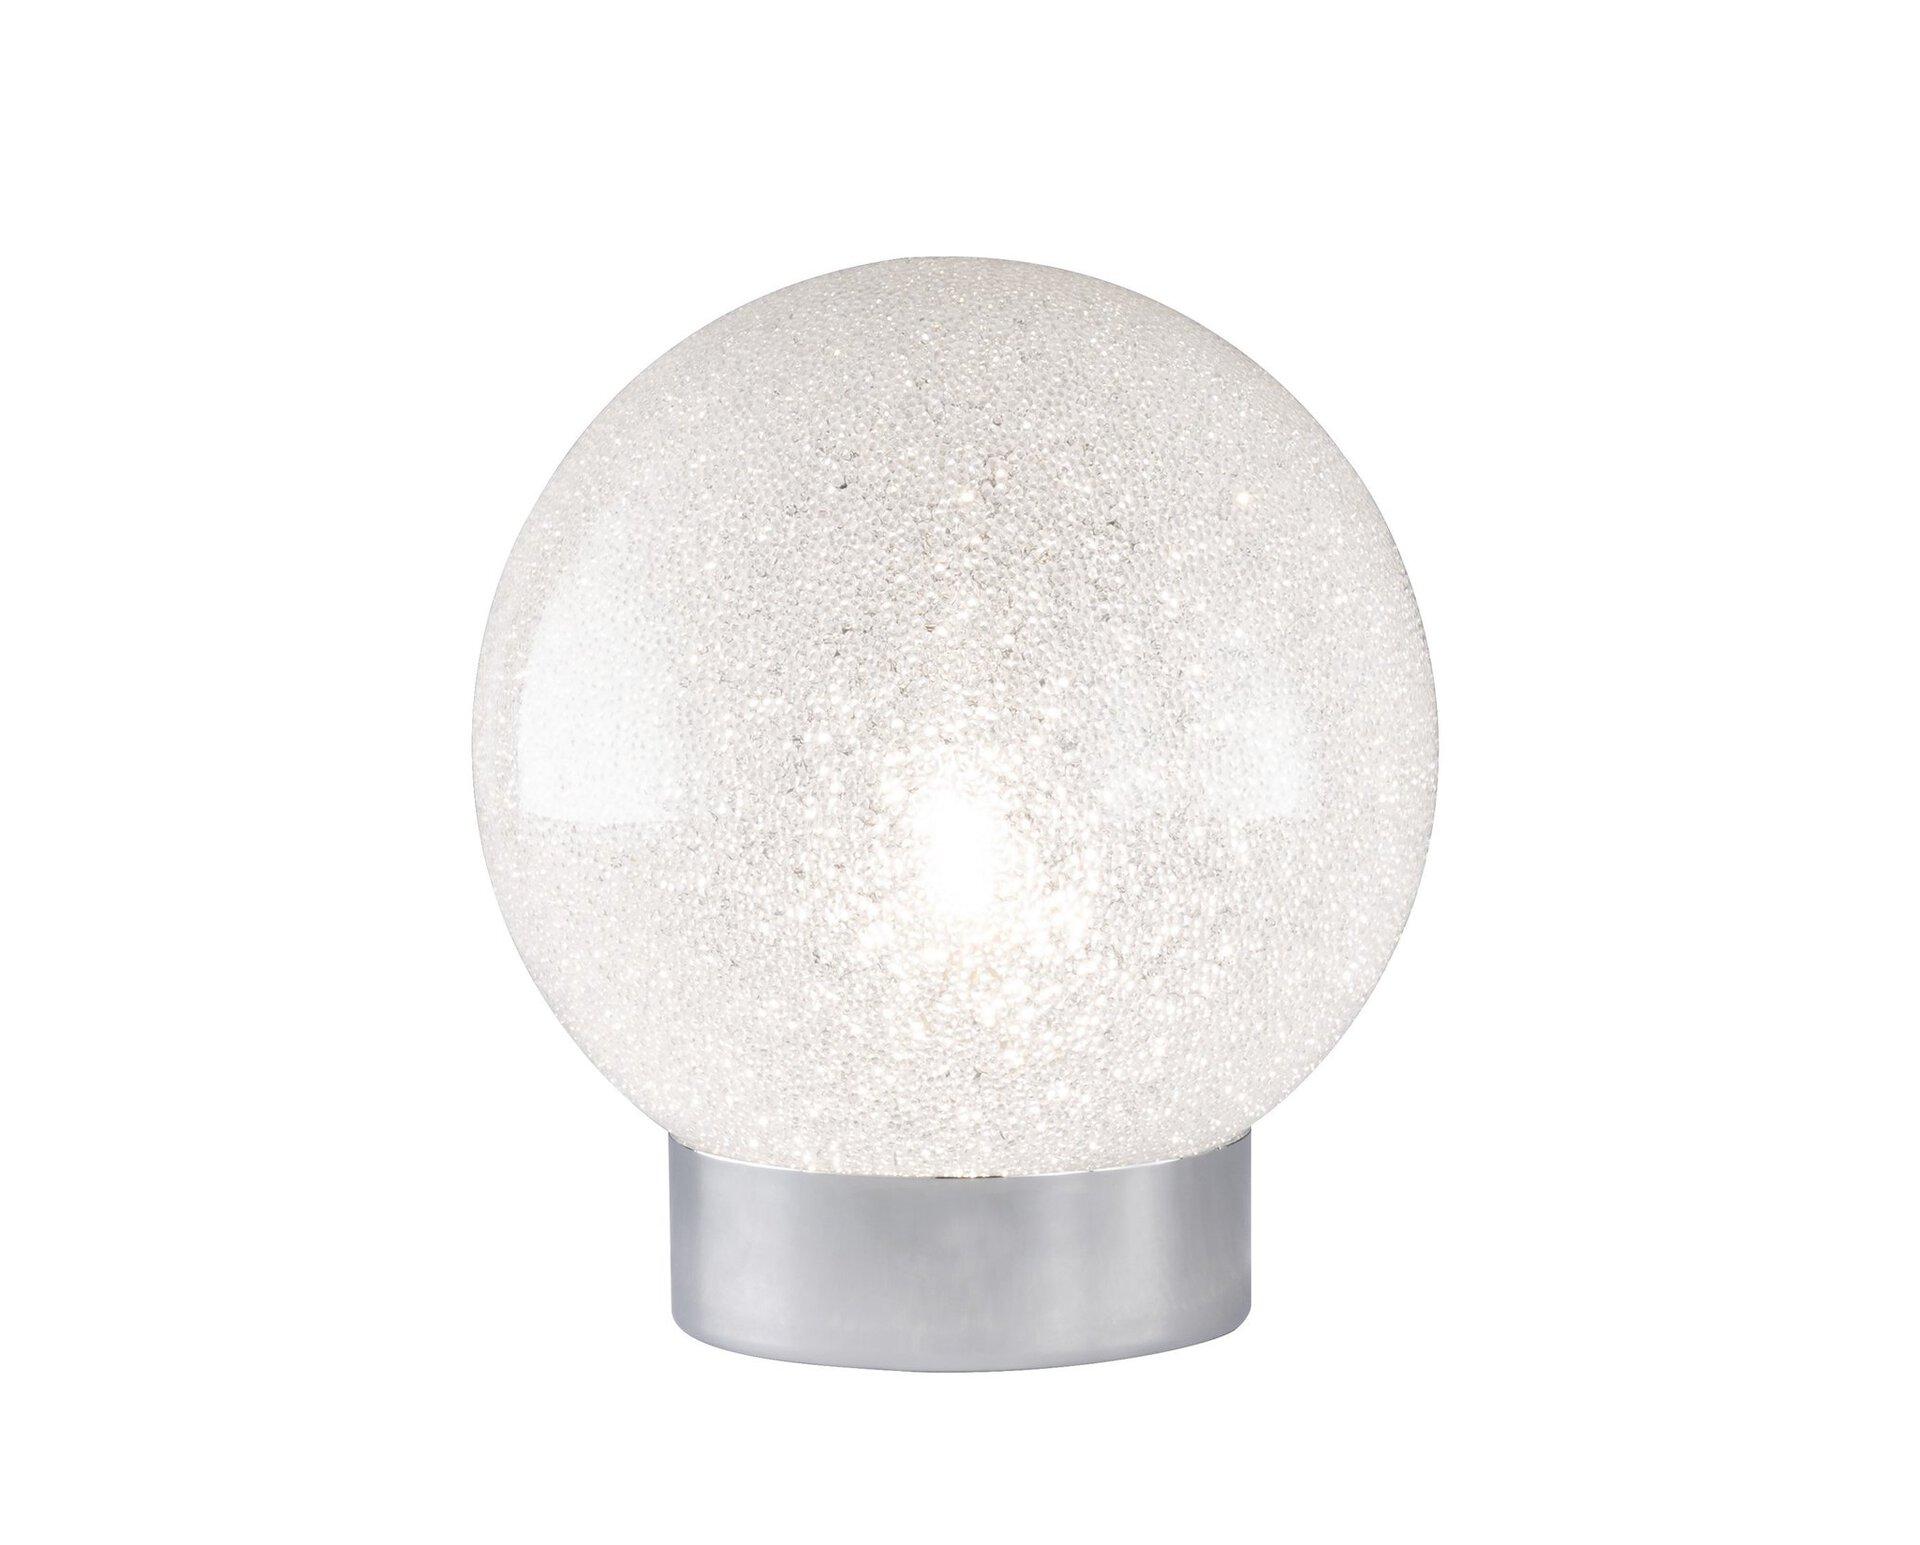 Tischleuchte Carat Wofi Leuchten Glas silber 15 x 15 x 15 cm